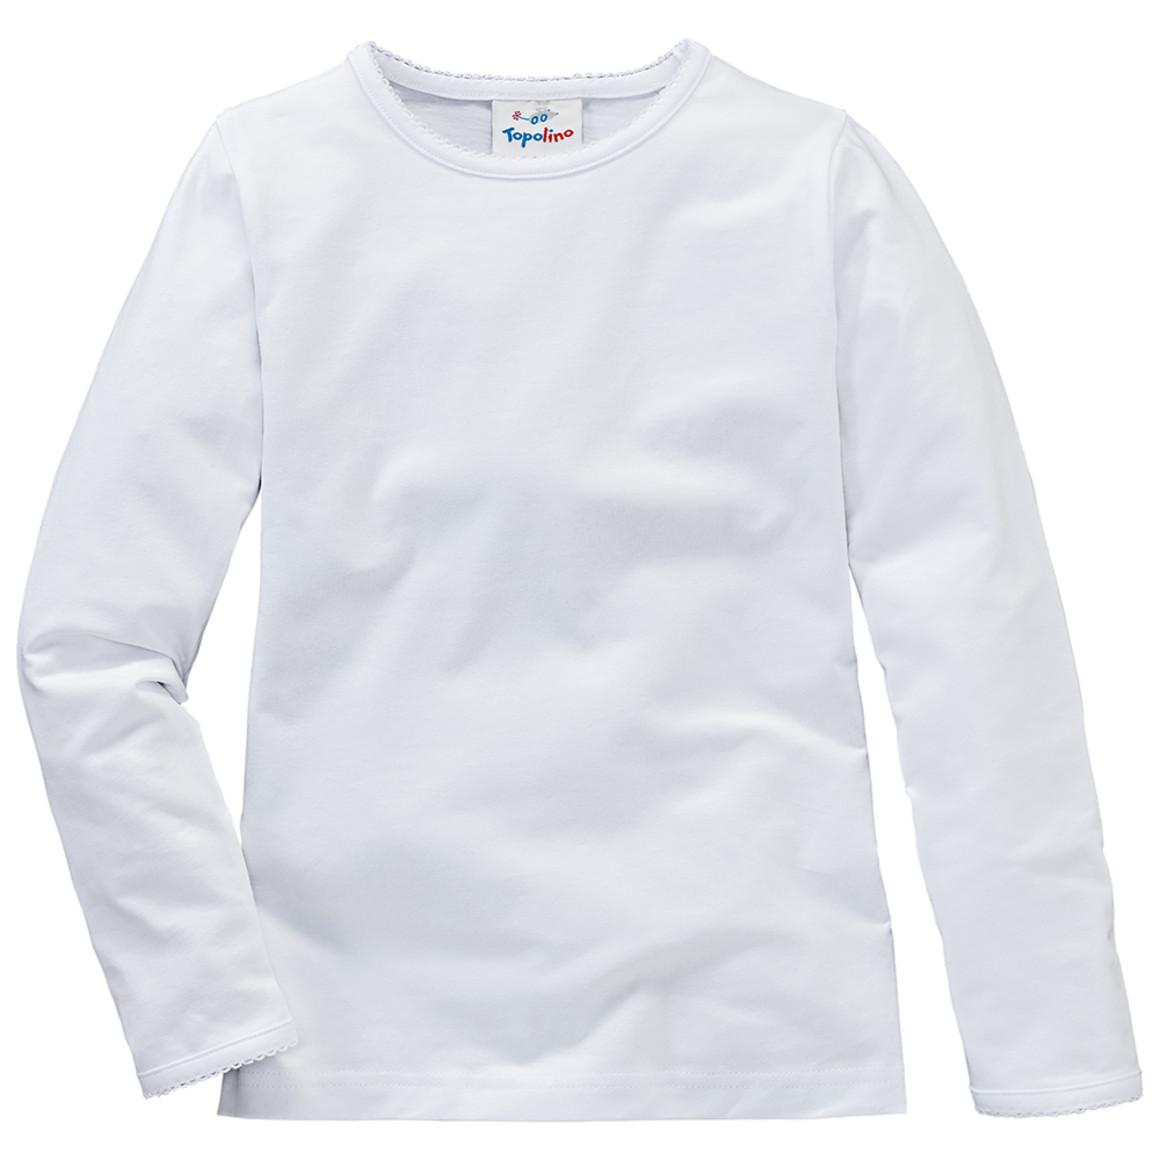 Minigirloberteile - Mädchen Langarmshirt in Weiß - Onlineshop Ernstings family